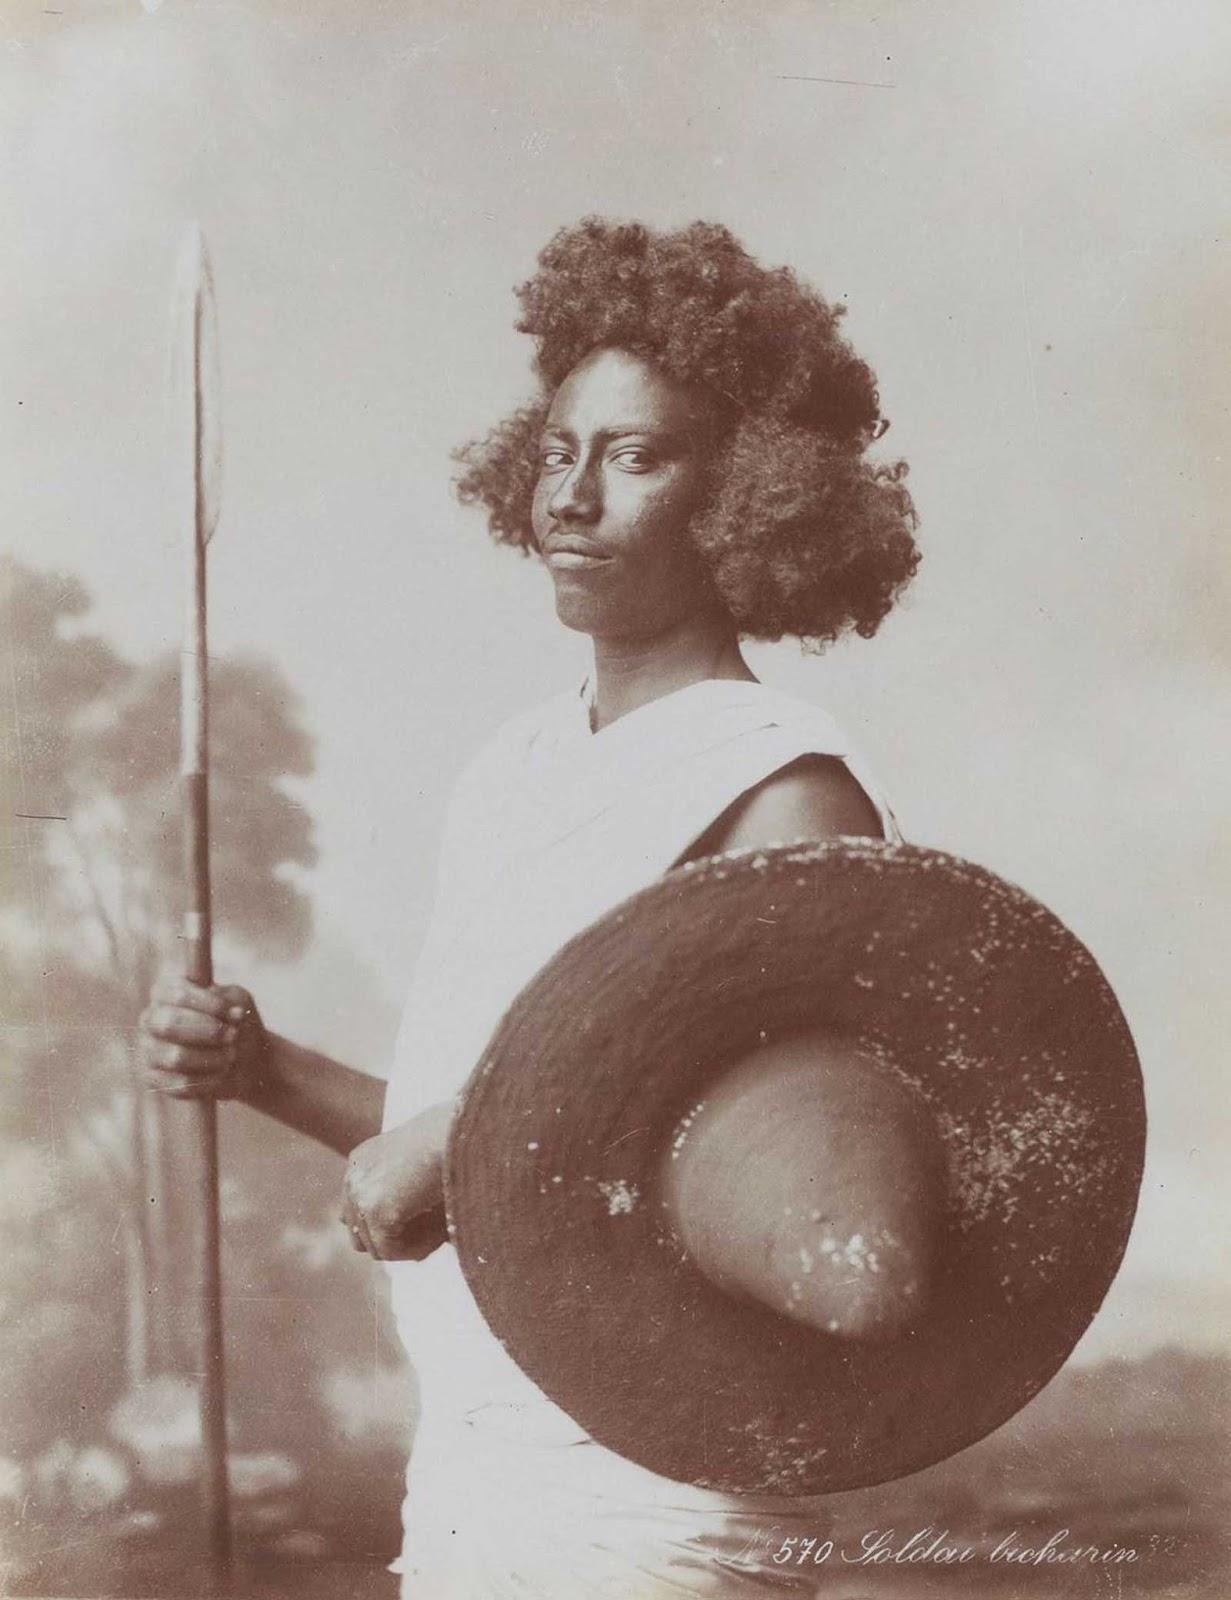 Un soldado bicharin. Los bicharin son una tribu del grupo étnico nómada beja que vive en el sur de Egipto y Sudán.